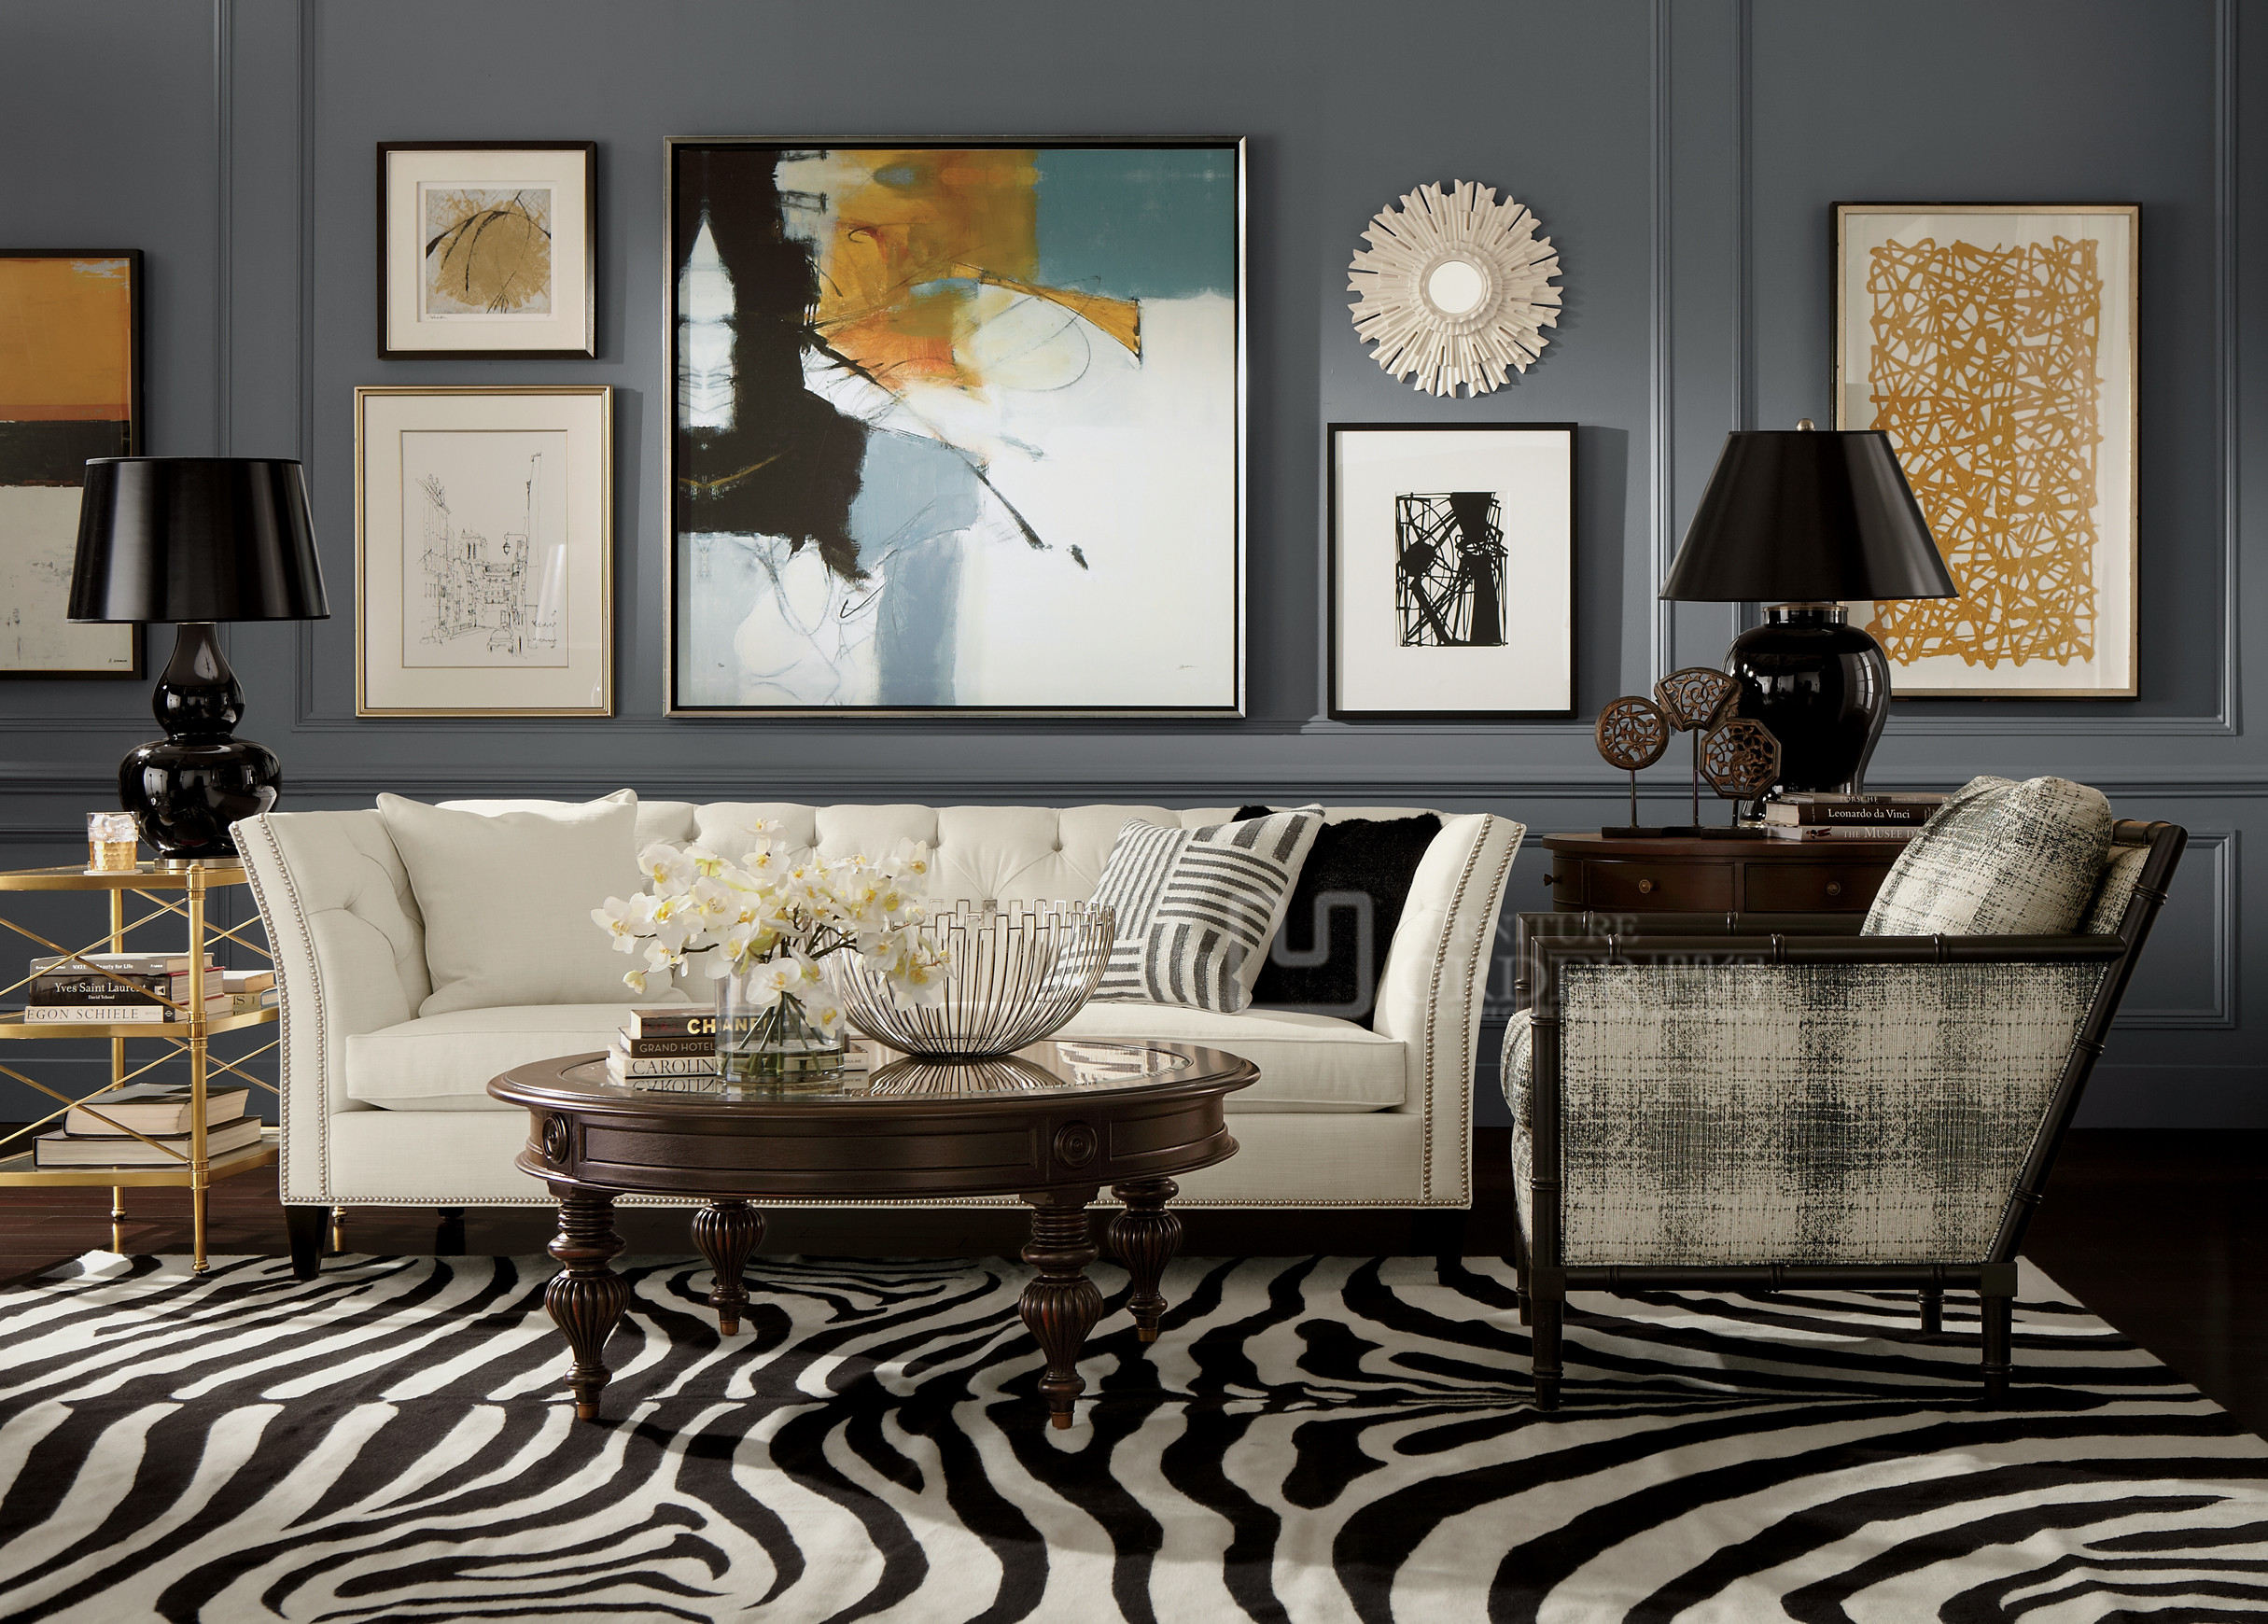 凹得全房定制 简约美式家具 简约欧式客厅家具 混搭